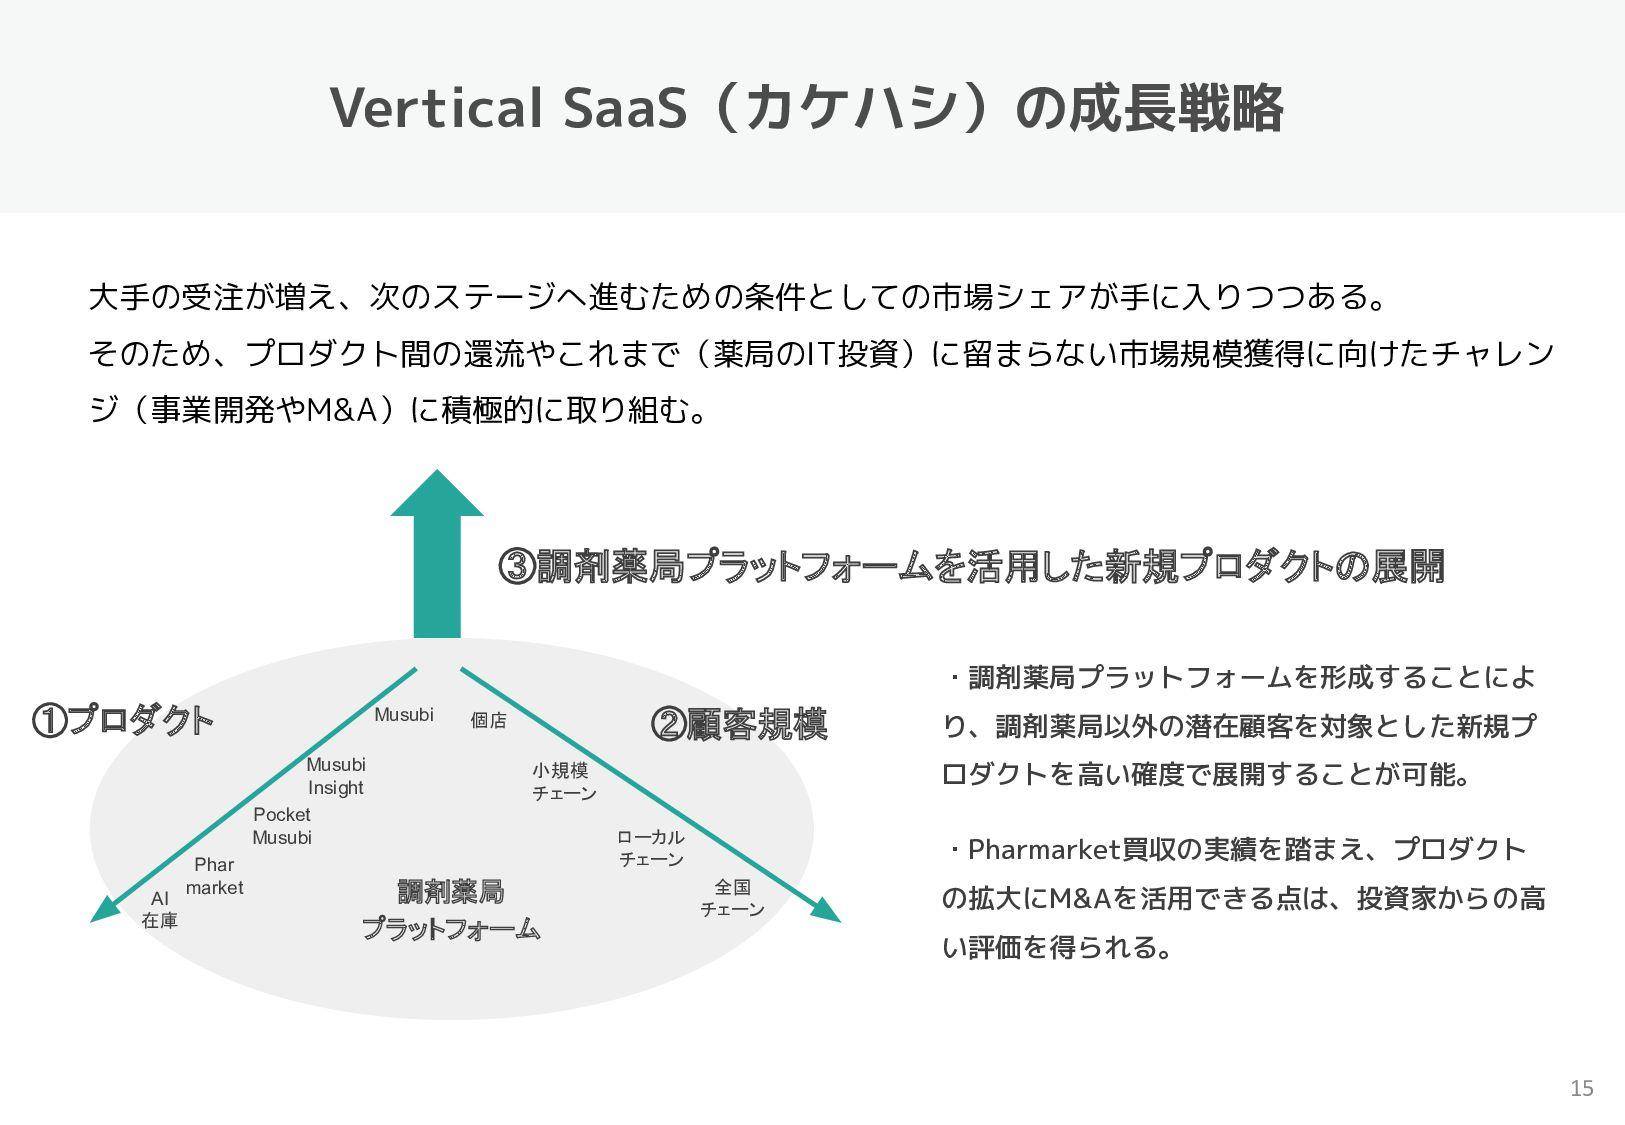 薬局業務の見える化『Musubi Insight』・服薬期間中のフォロー『Pocket Mus...